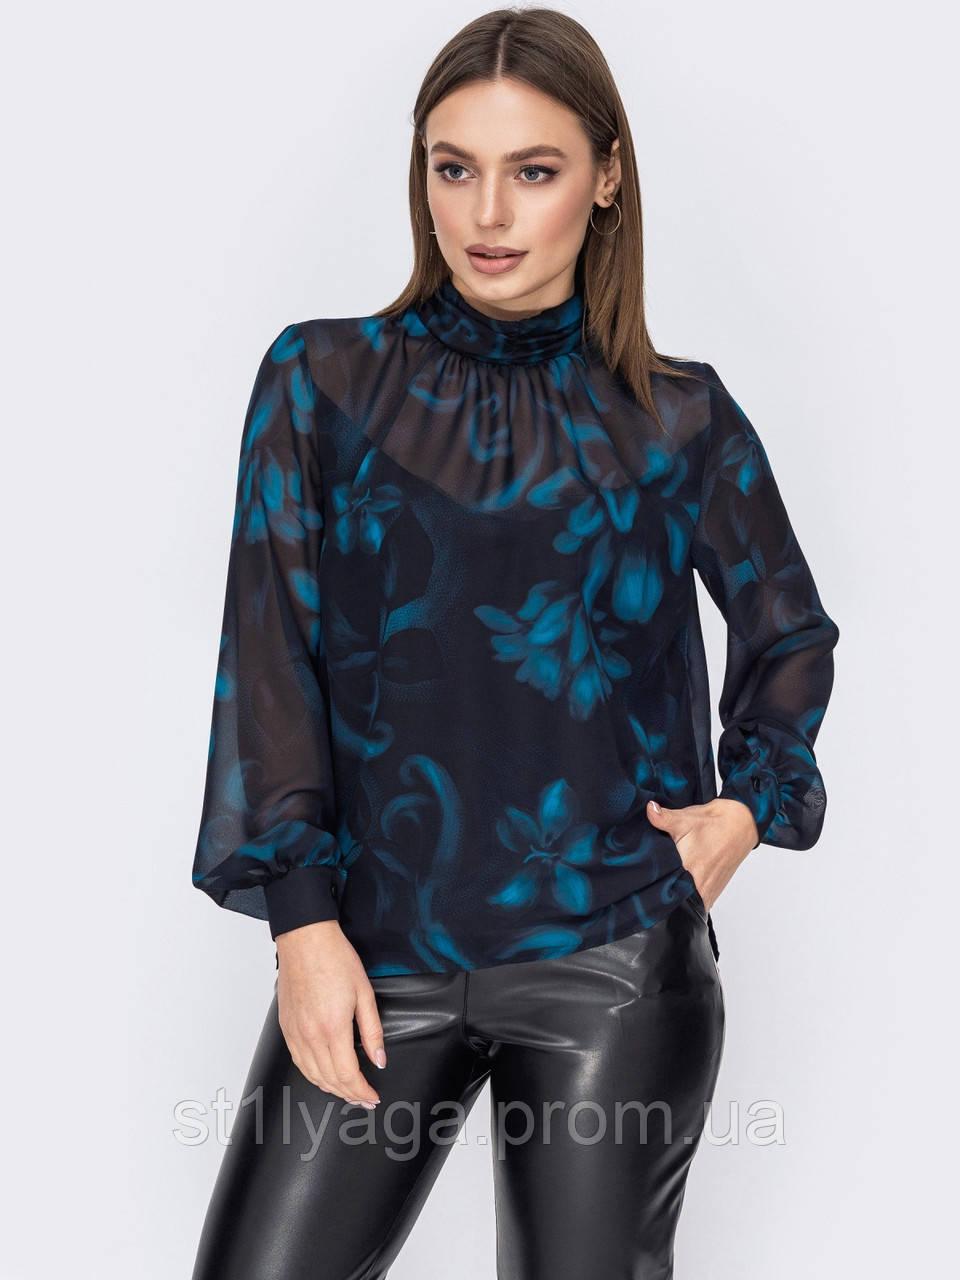 Блузка в квітковому принті з шифону з довгим рукавом і коміром стійка